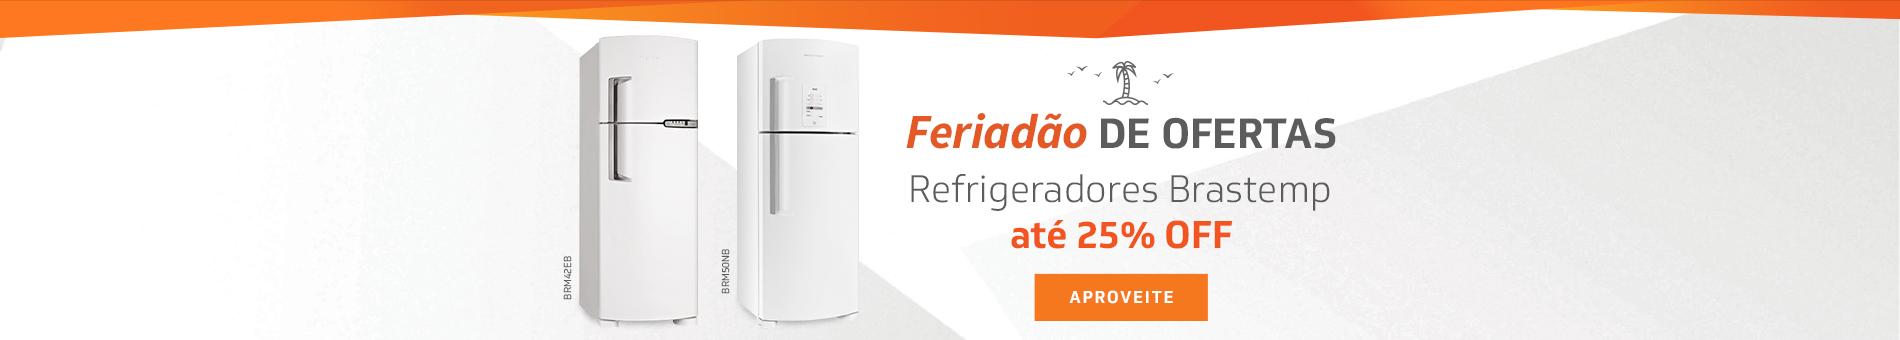 2. Refrigeradores - Qua -Qui | Sáb-Dom